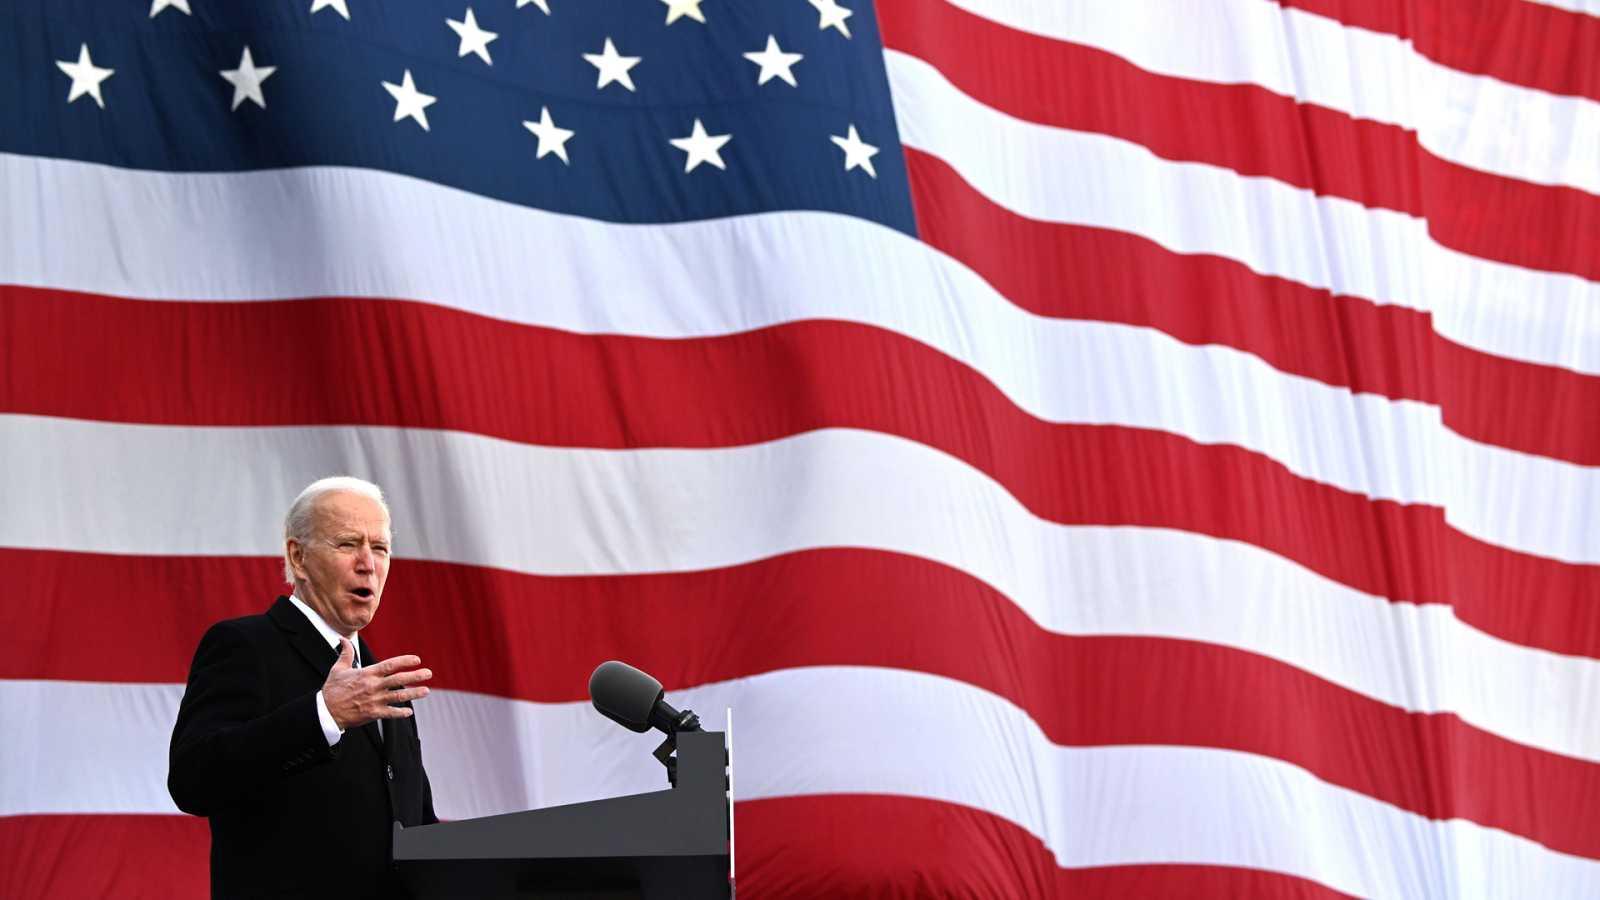 Europa abierta - La presidencia de Biden: una oportunidad para las relaciones transatlánticas - escuchar ahora